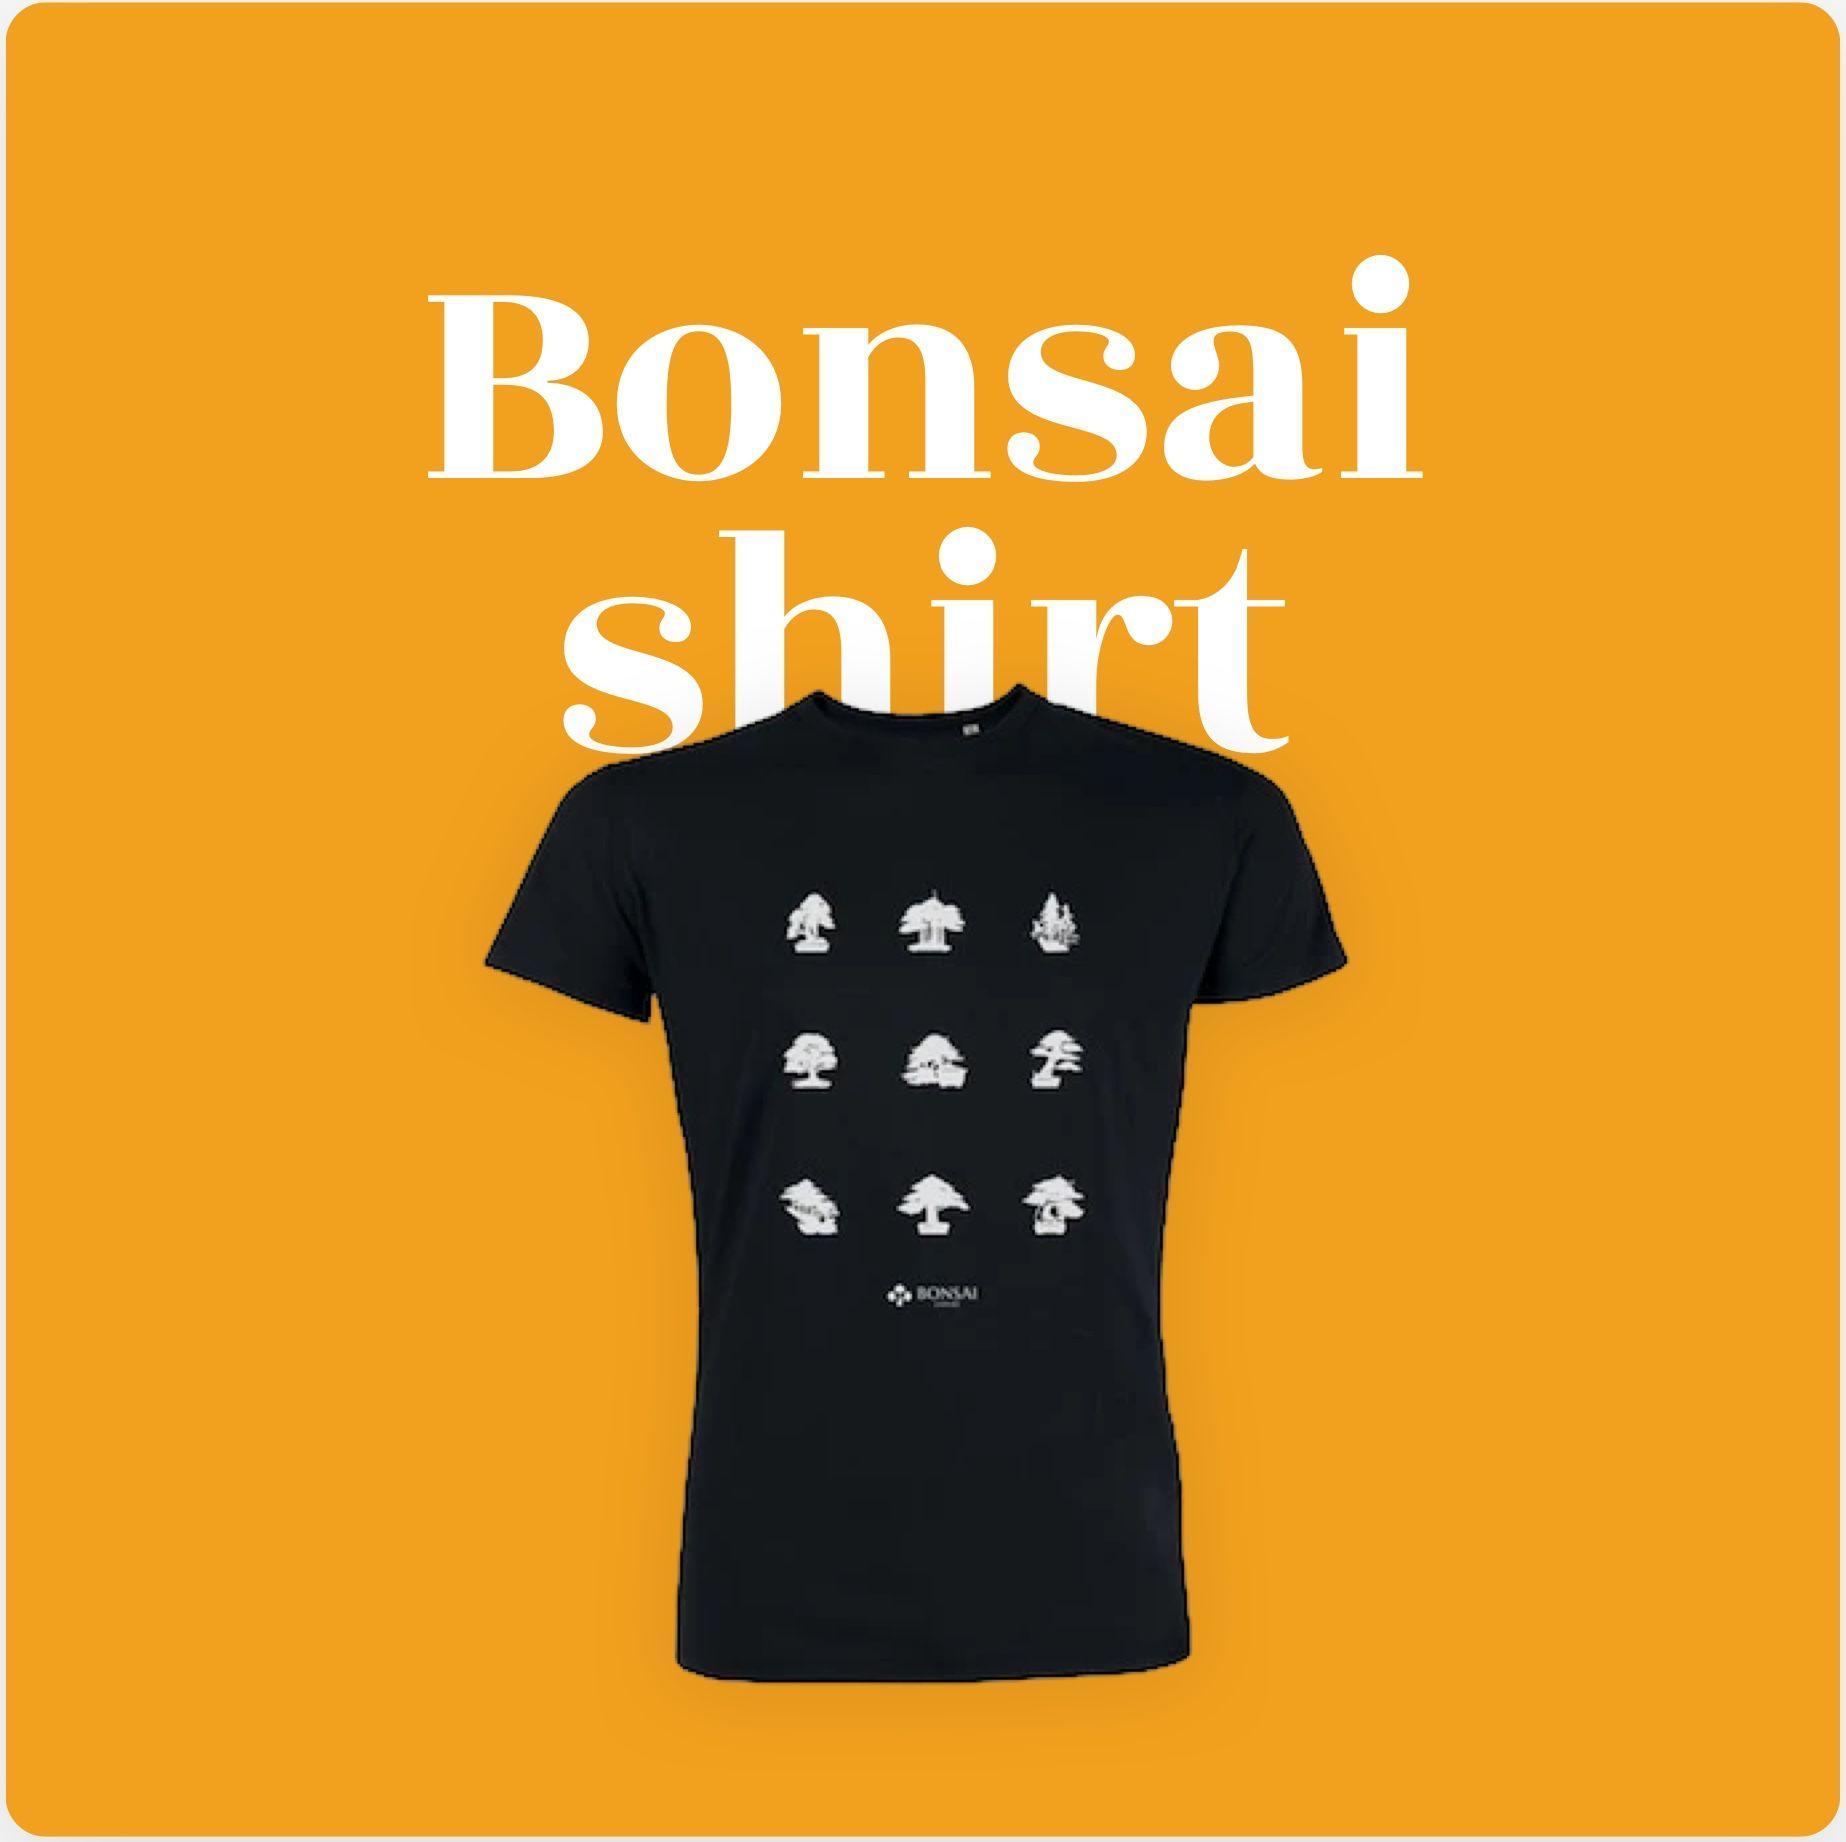 Bonsai T Shirt In 2020 Organic Cotton T Shirts T Shirt Shirts